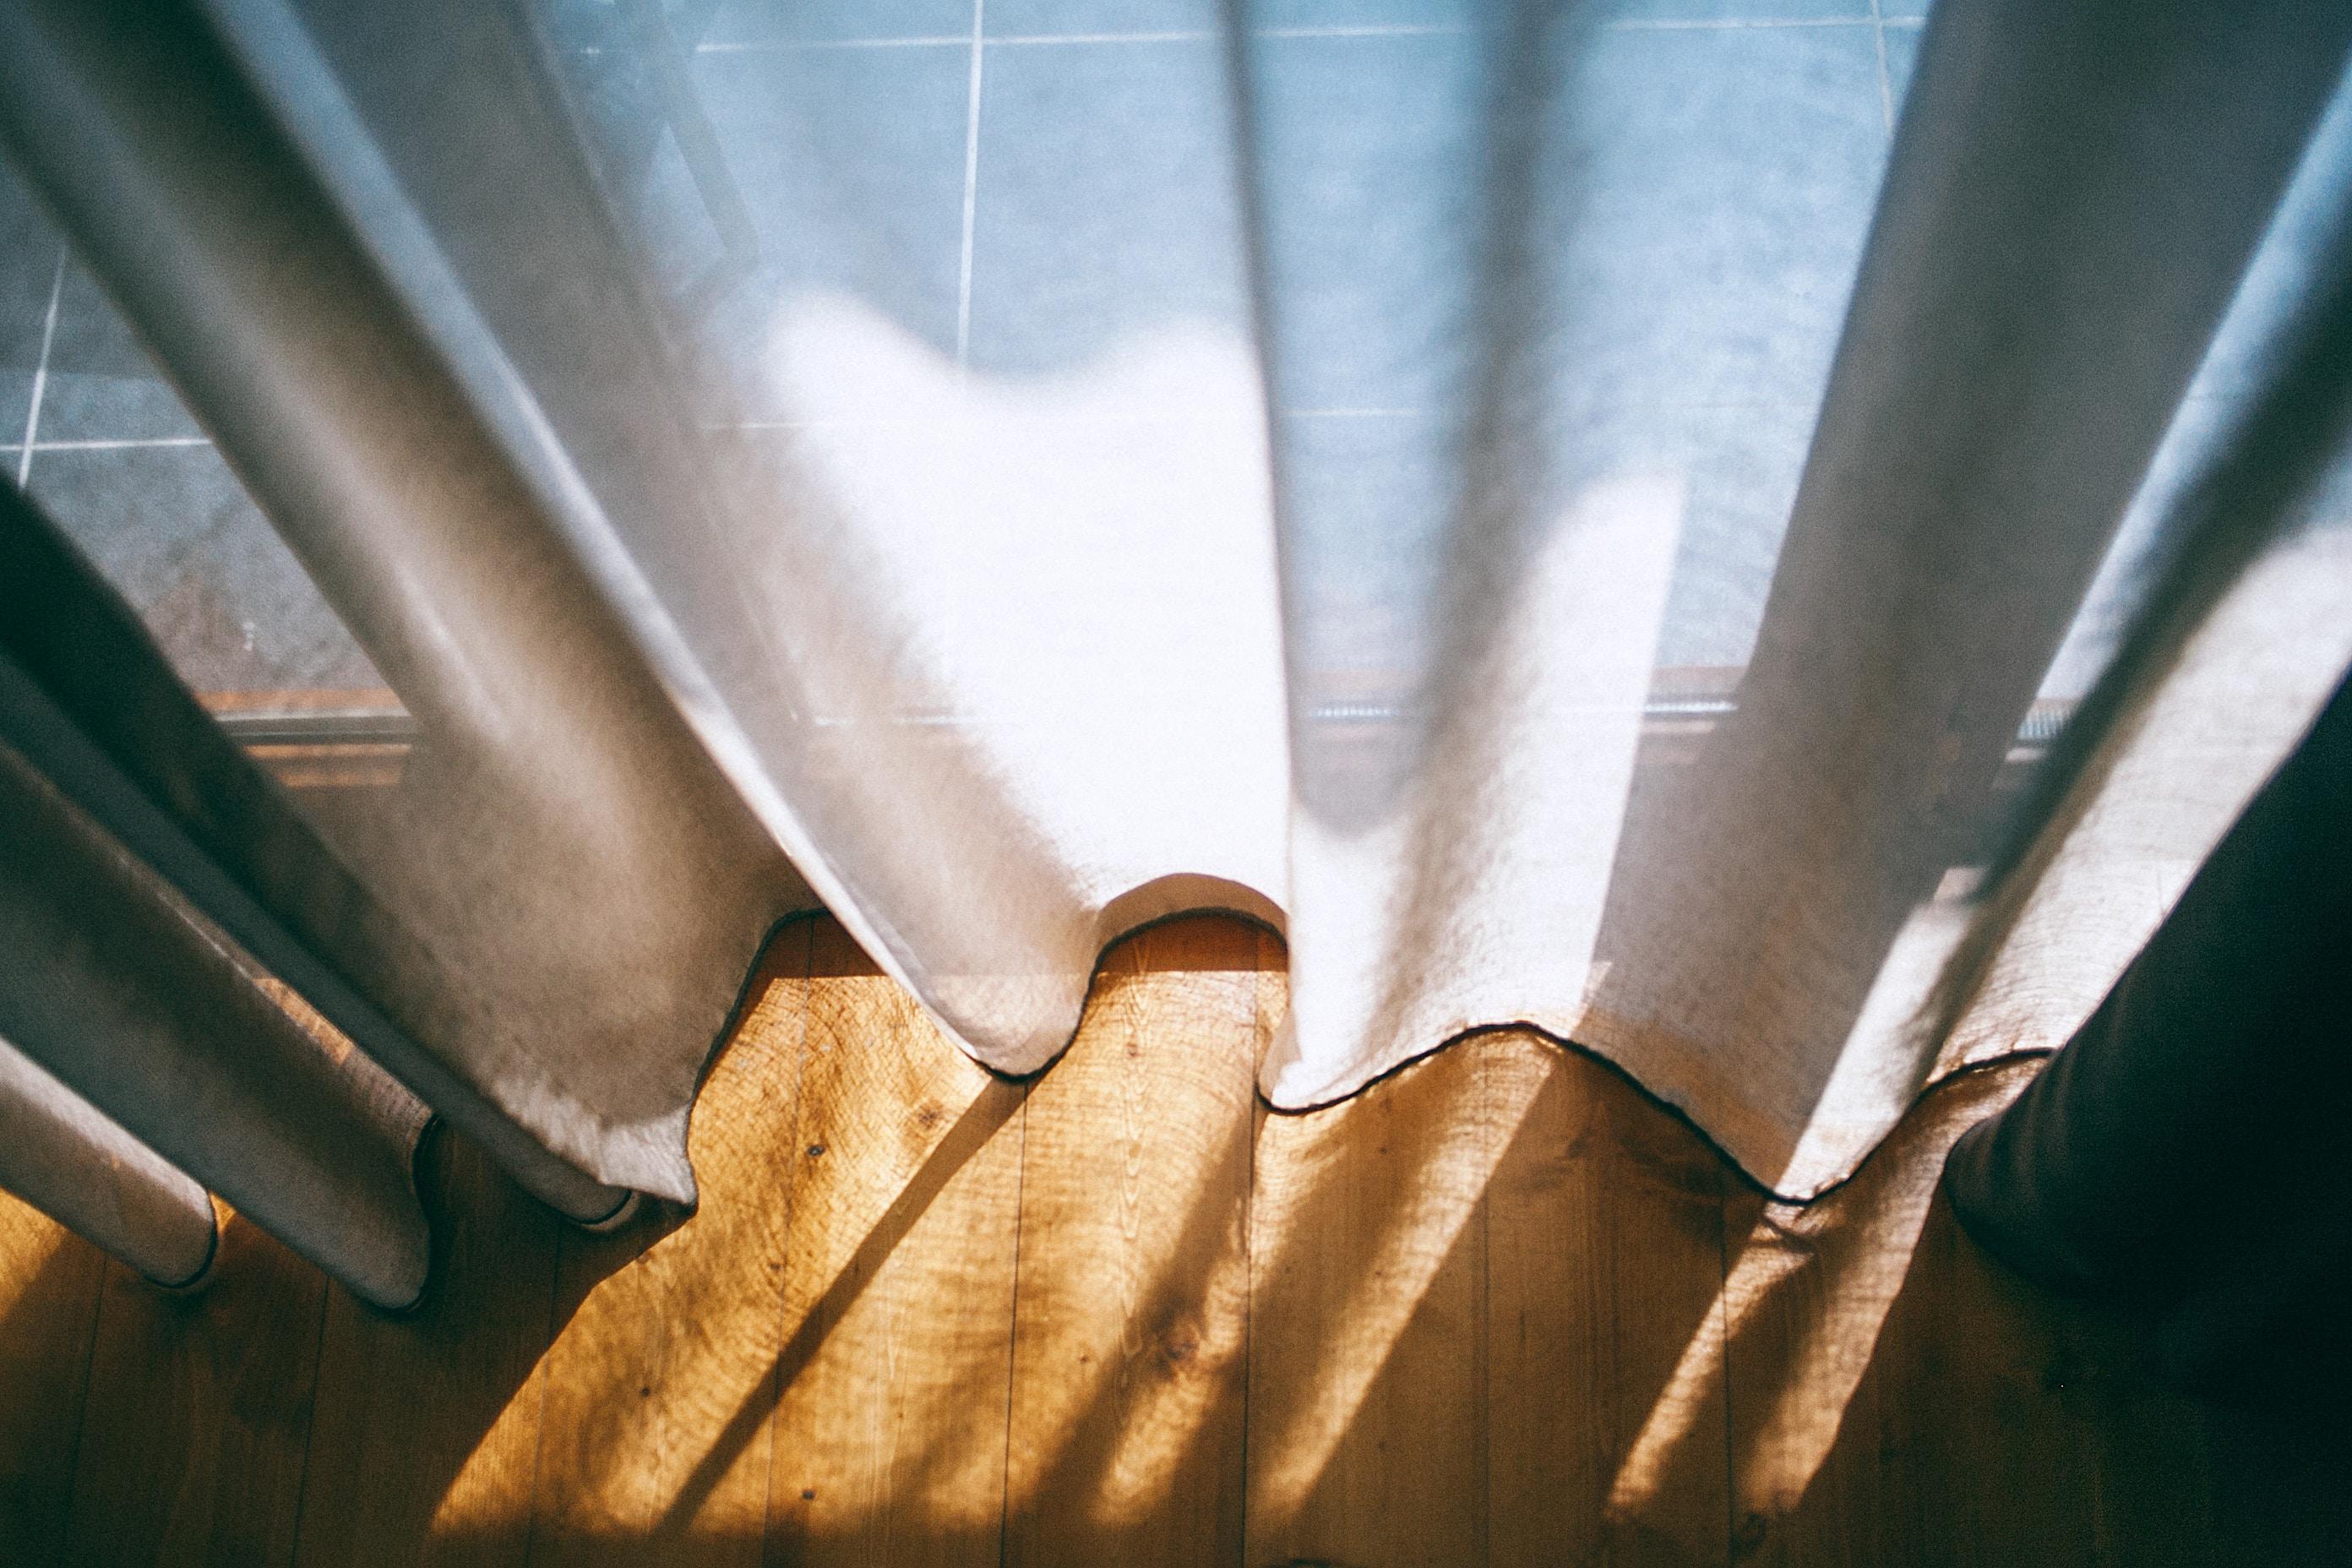 Aproveita ao máximo a luz solar